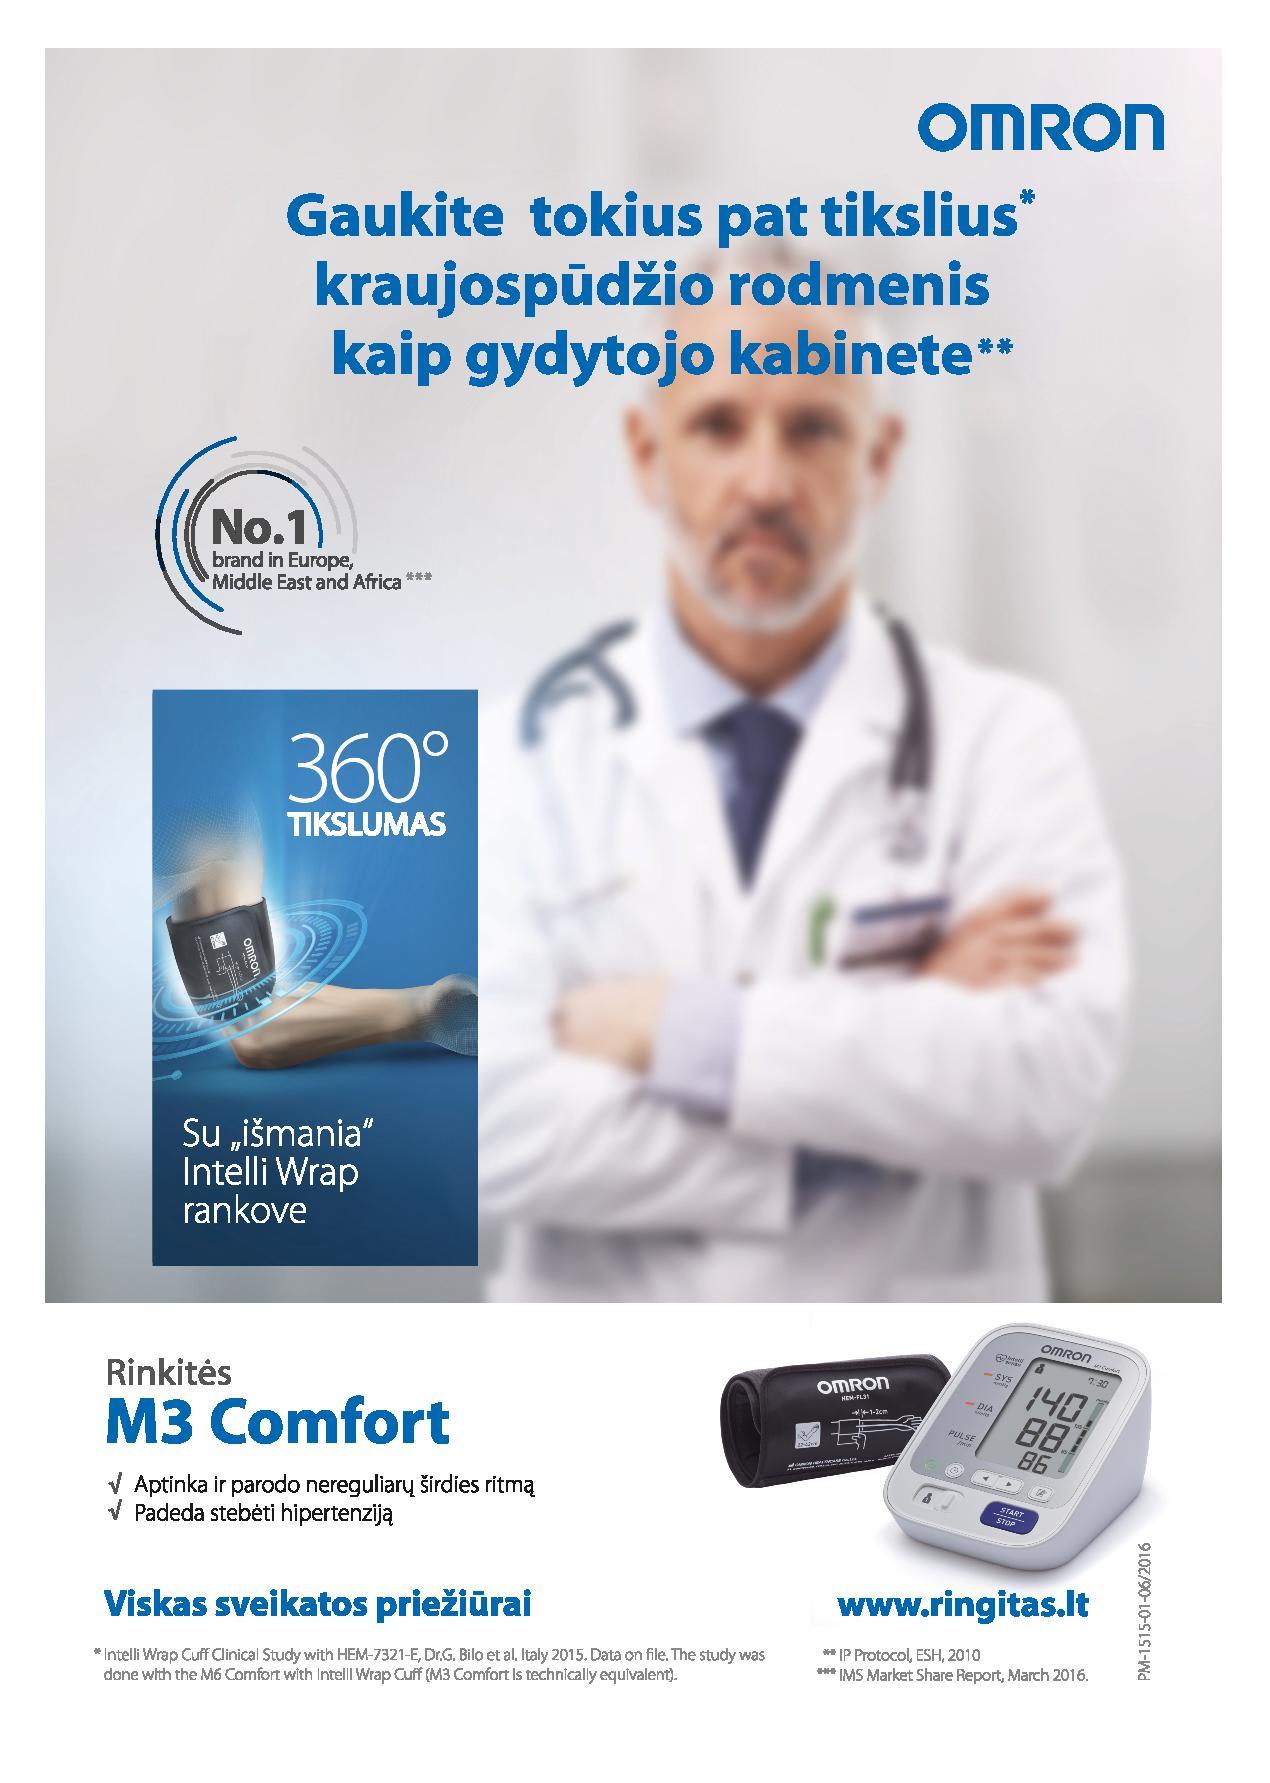 hipertenzija esant žemam širdies ritmui)